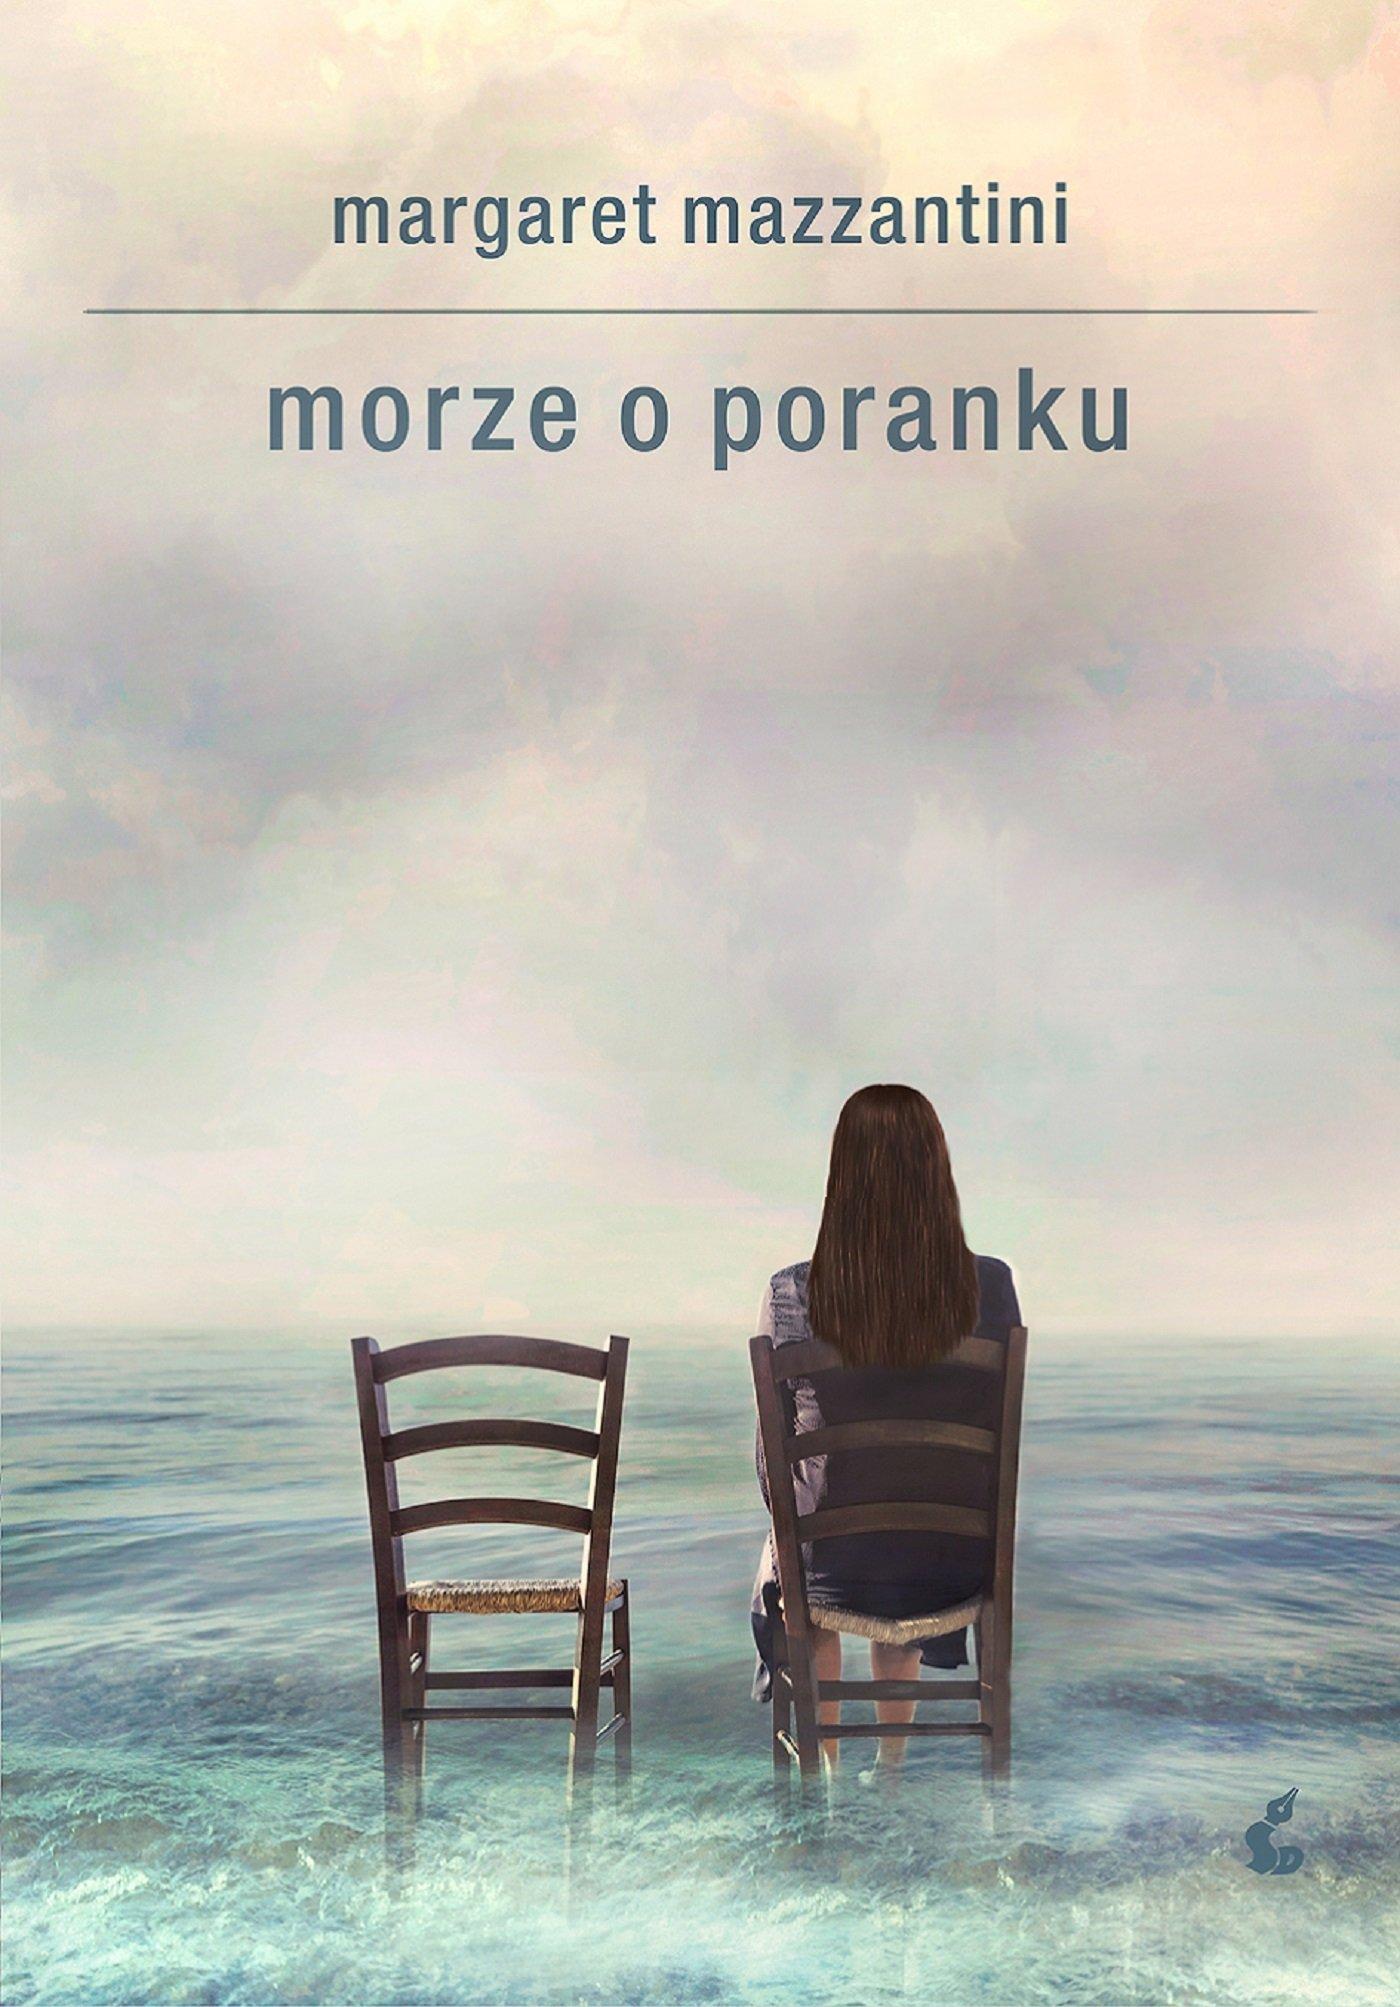 Morze o poranku - Ebook (Książka EPUB) do pobrania w formacie EPUB